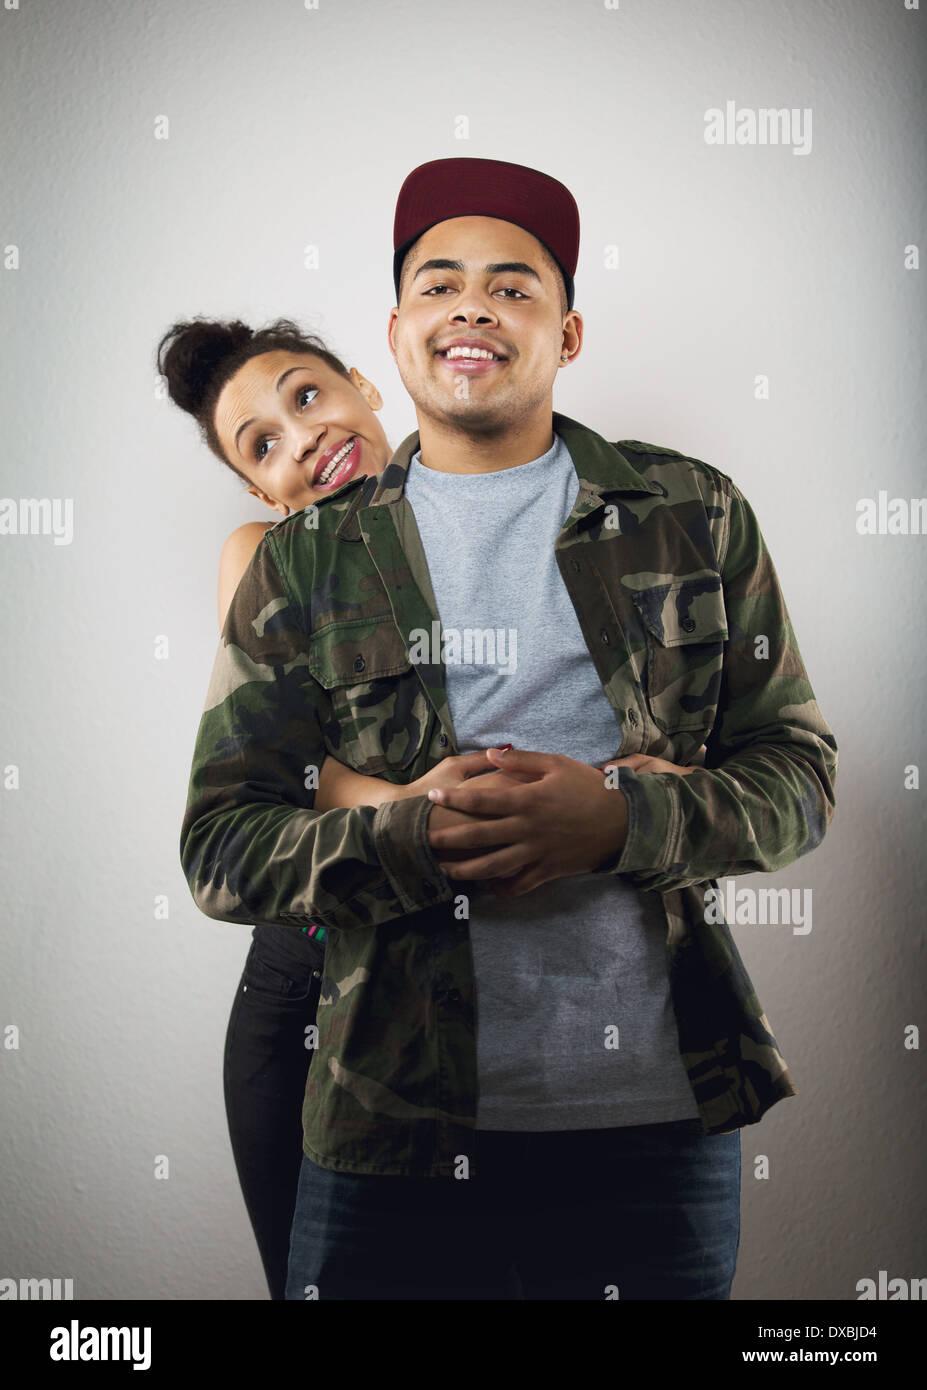 Lindo joven sosteniendo su novio desde detrás sobre fondo gris. Linda pareja joven en amor. Imagen De Stock